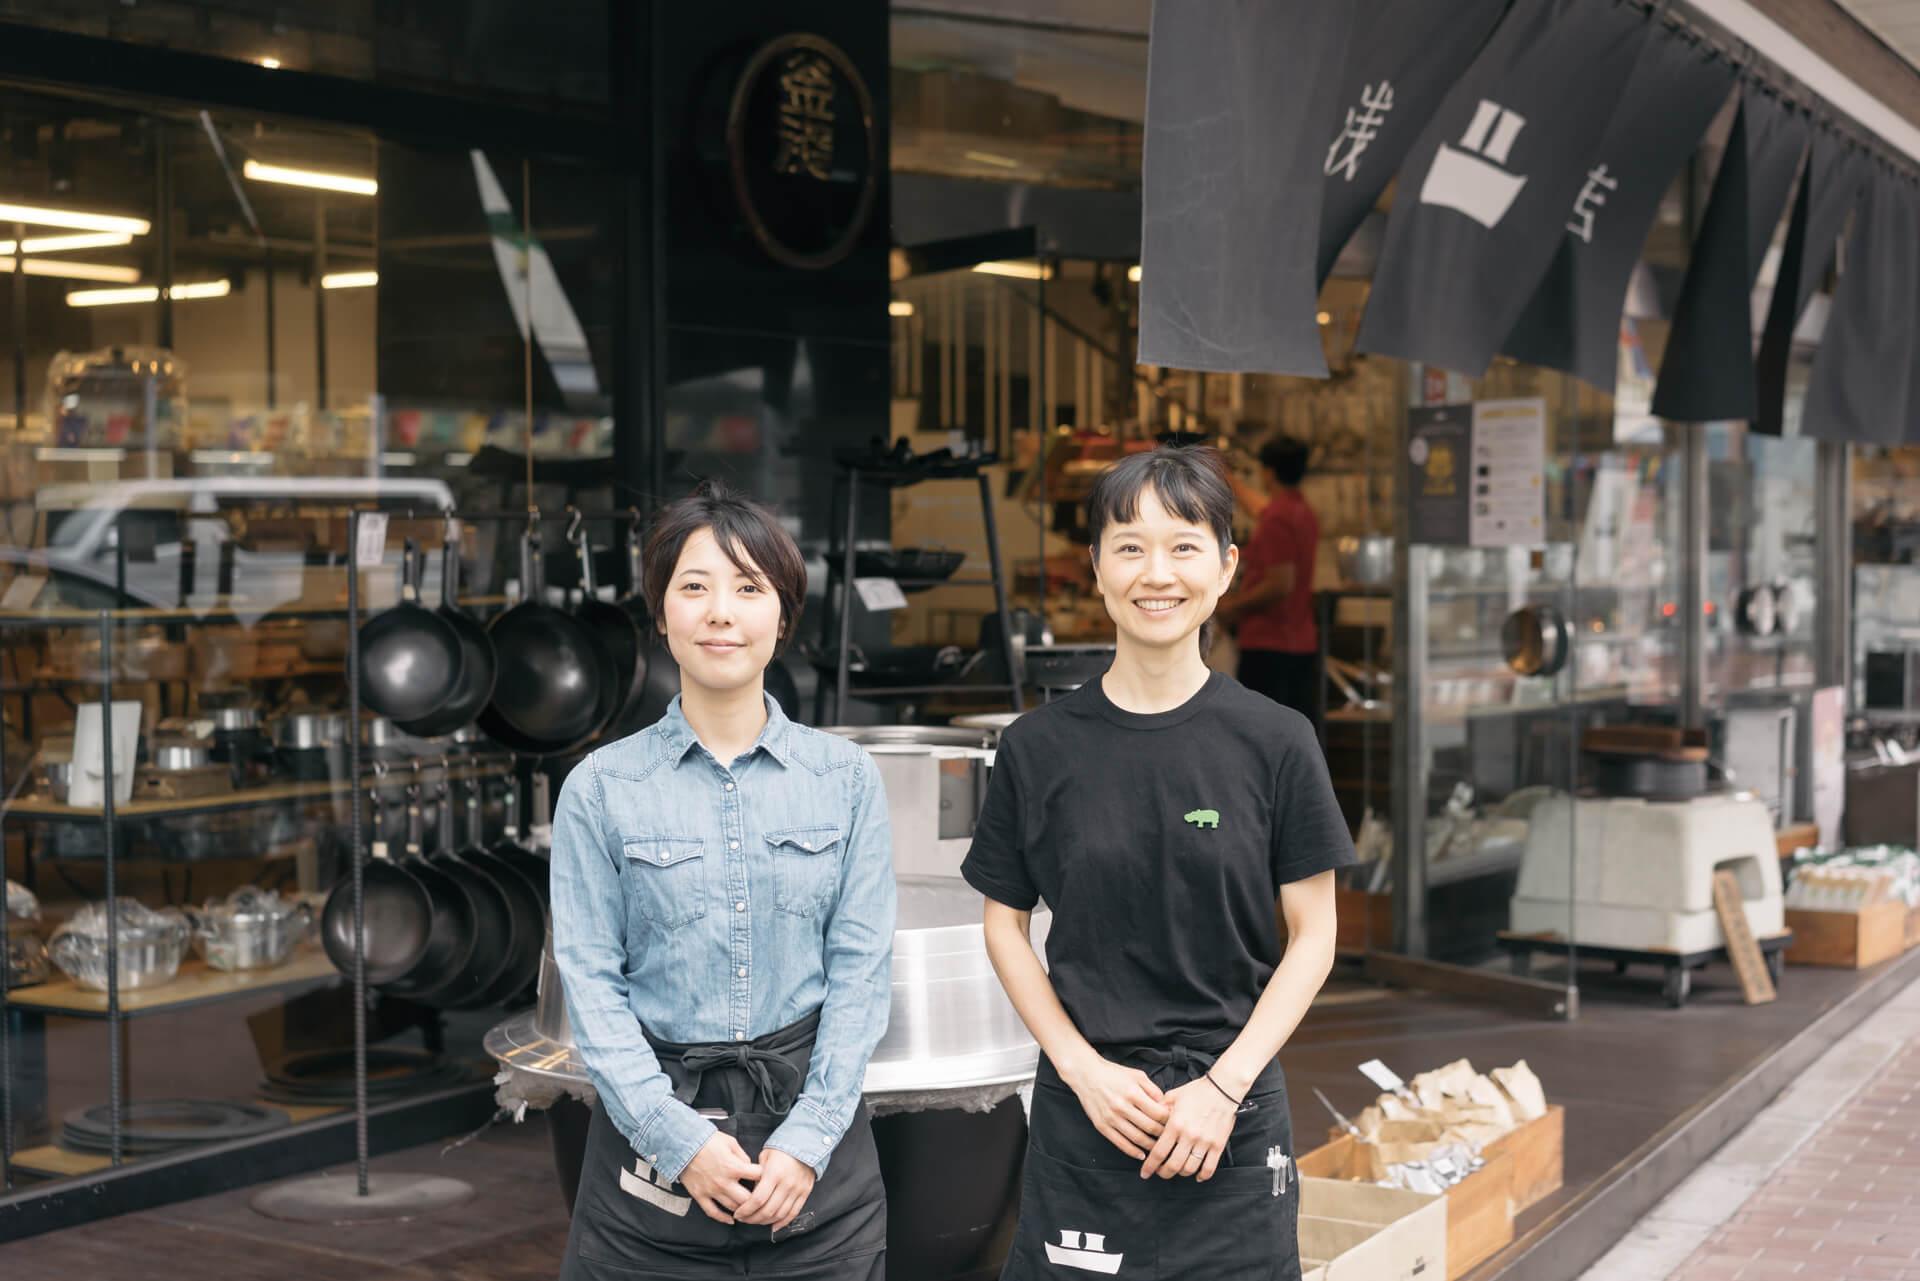 お話を聞かせてくださったのは、スタッフの森本さん(左)と百合岡さん(右)。